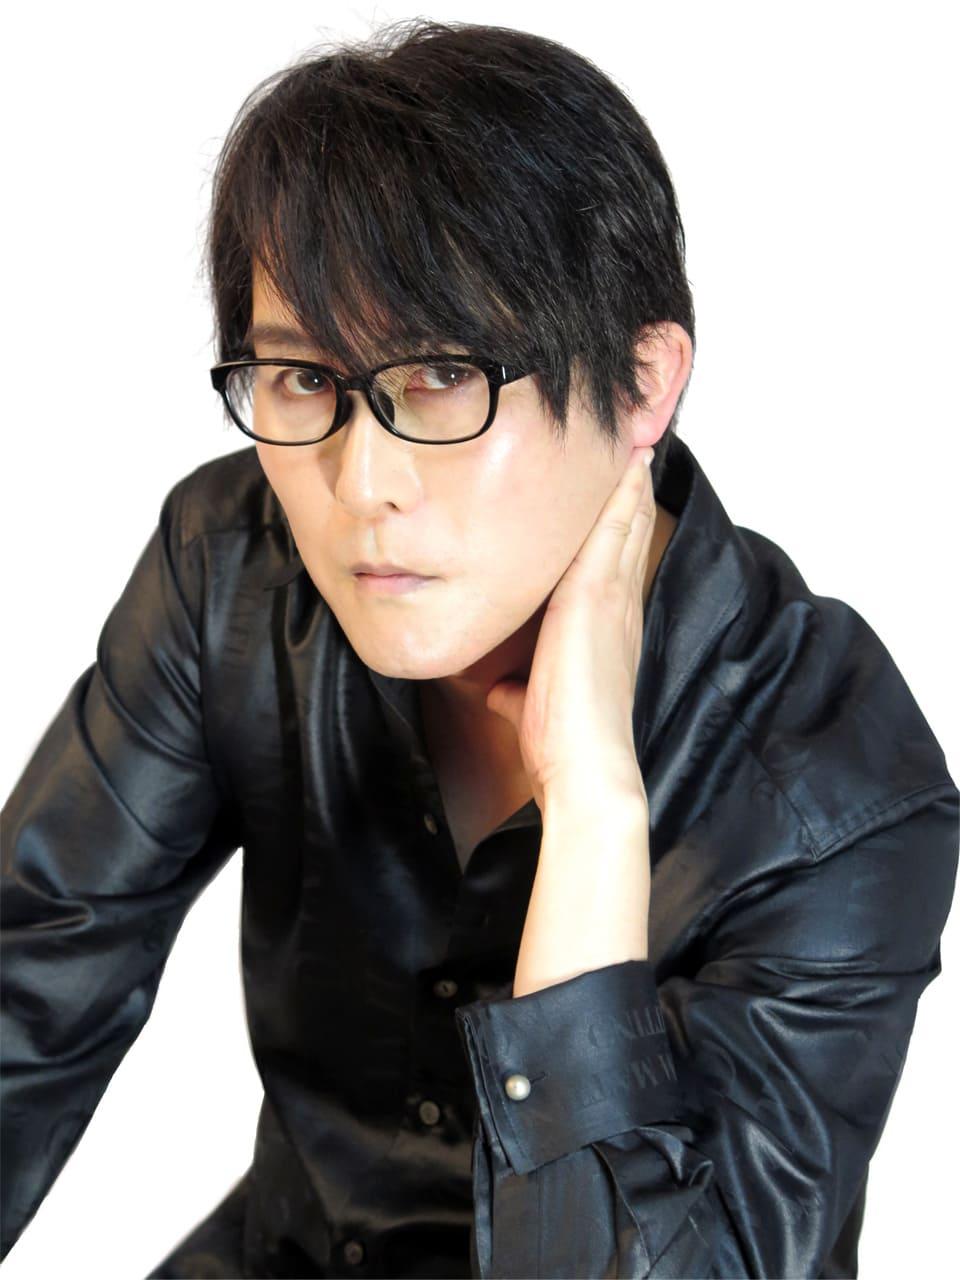 声優「子安武人」さんが演じたテレビアニメキャラ、あなたが一番好きなのは?【人気投票実施中】 | ねとらぼ調査隊